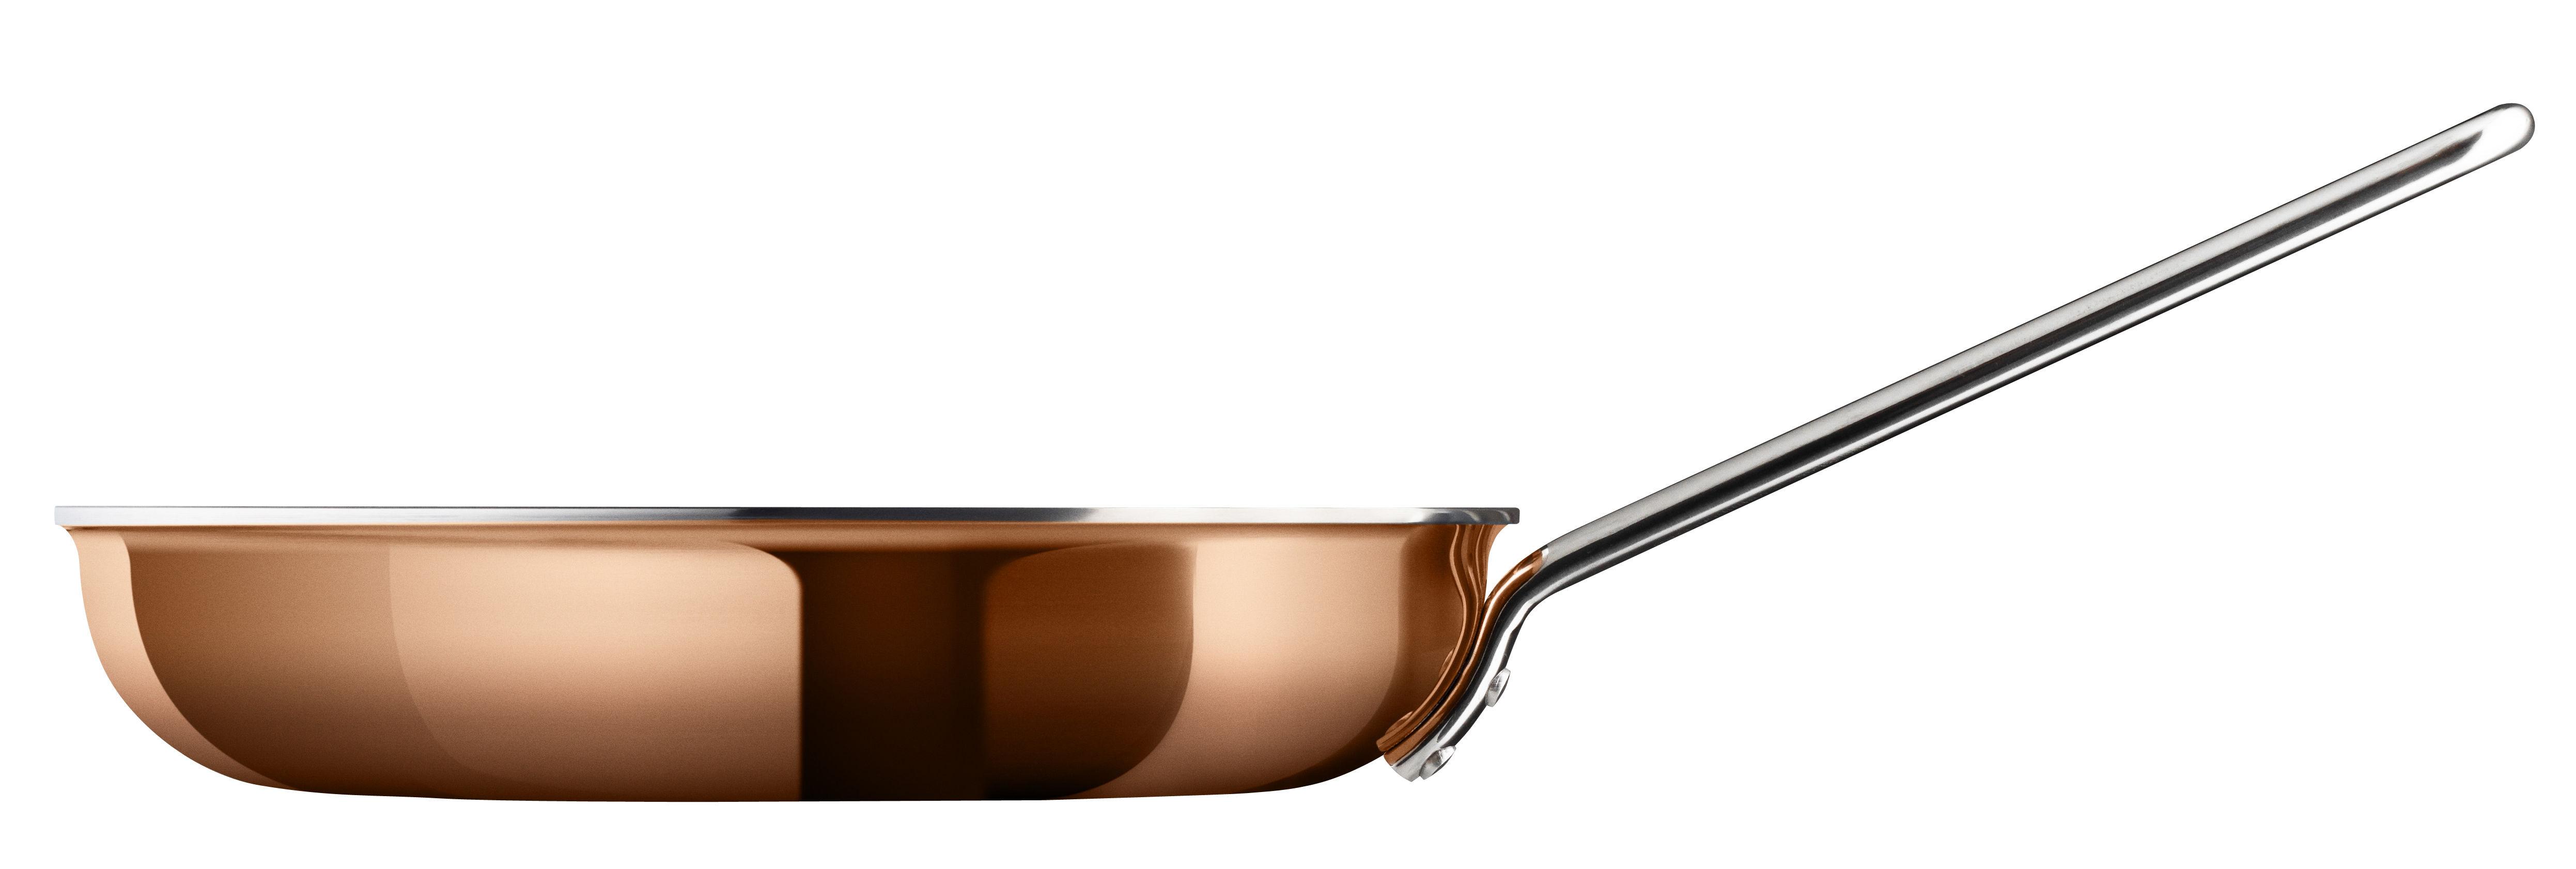 Kitchenware - Pots & Pans - Copper Frying pan - Ø 24 cm by Eva Trio - Copper - Aluminium, Copper, Steel